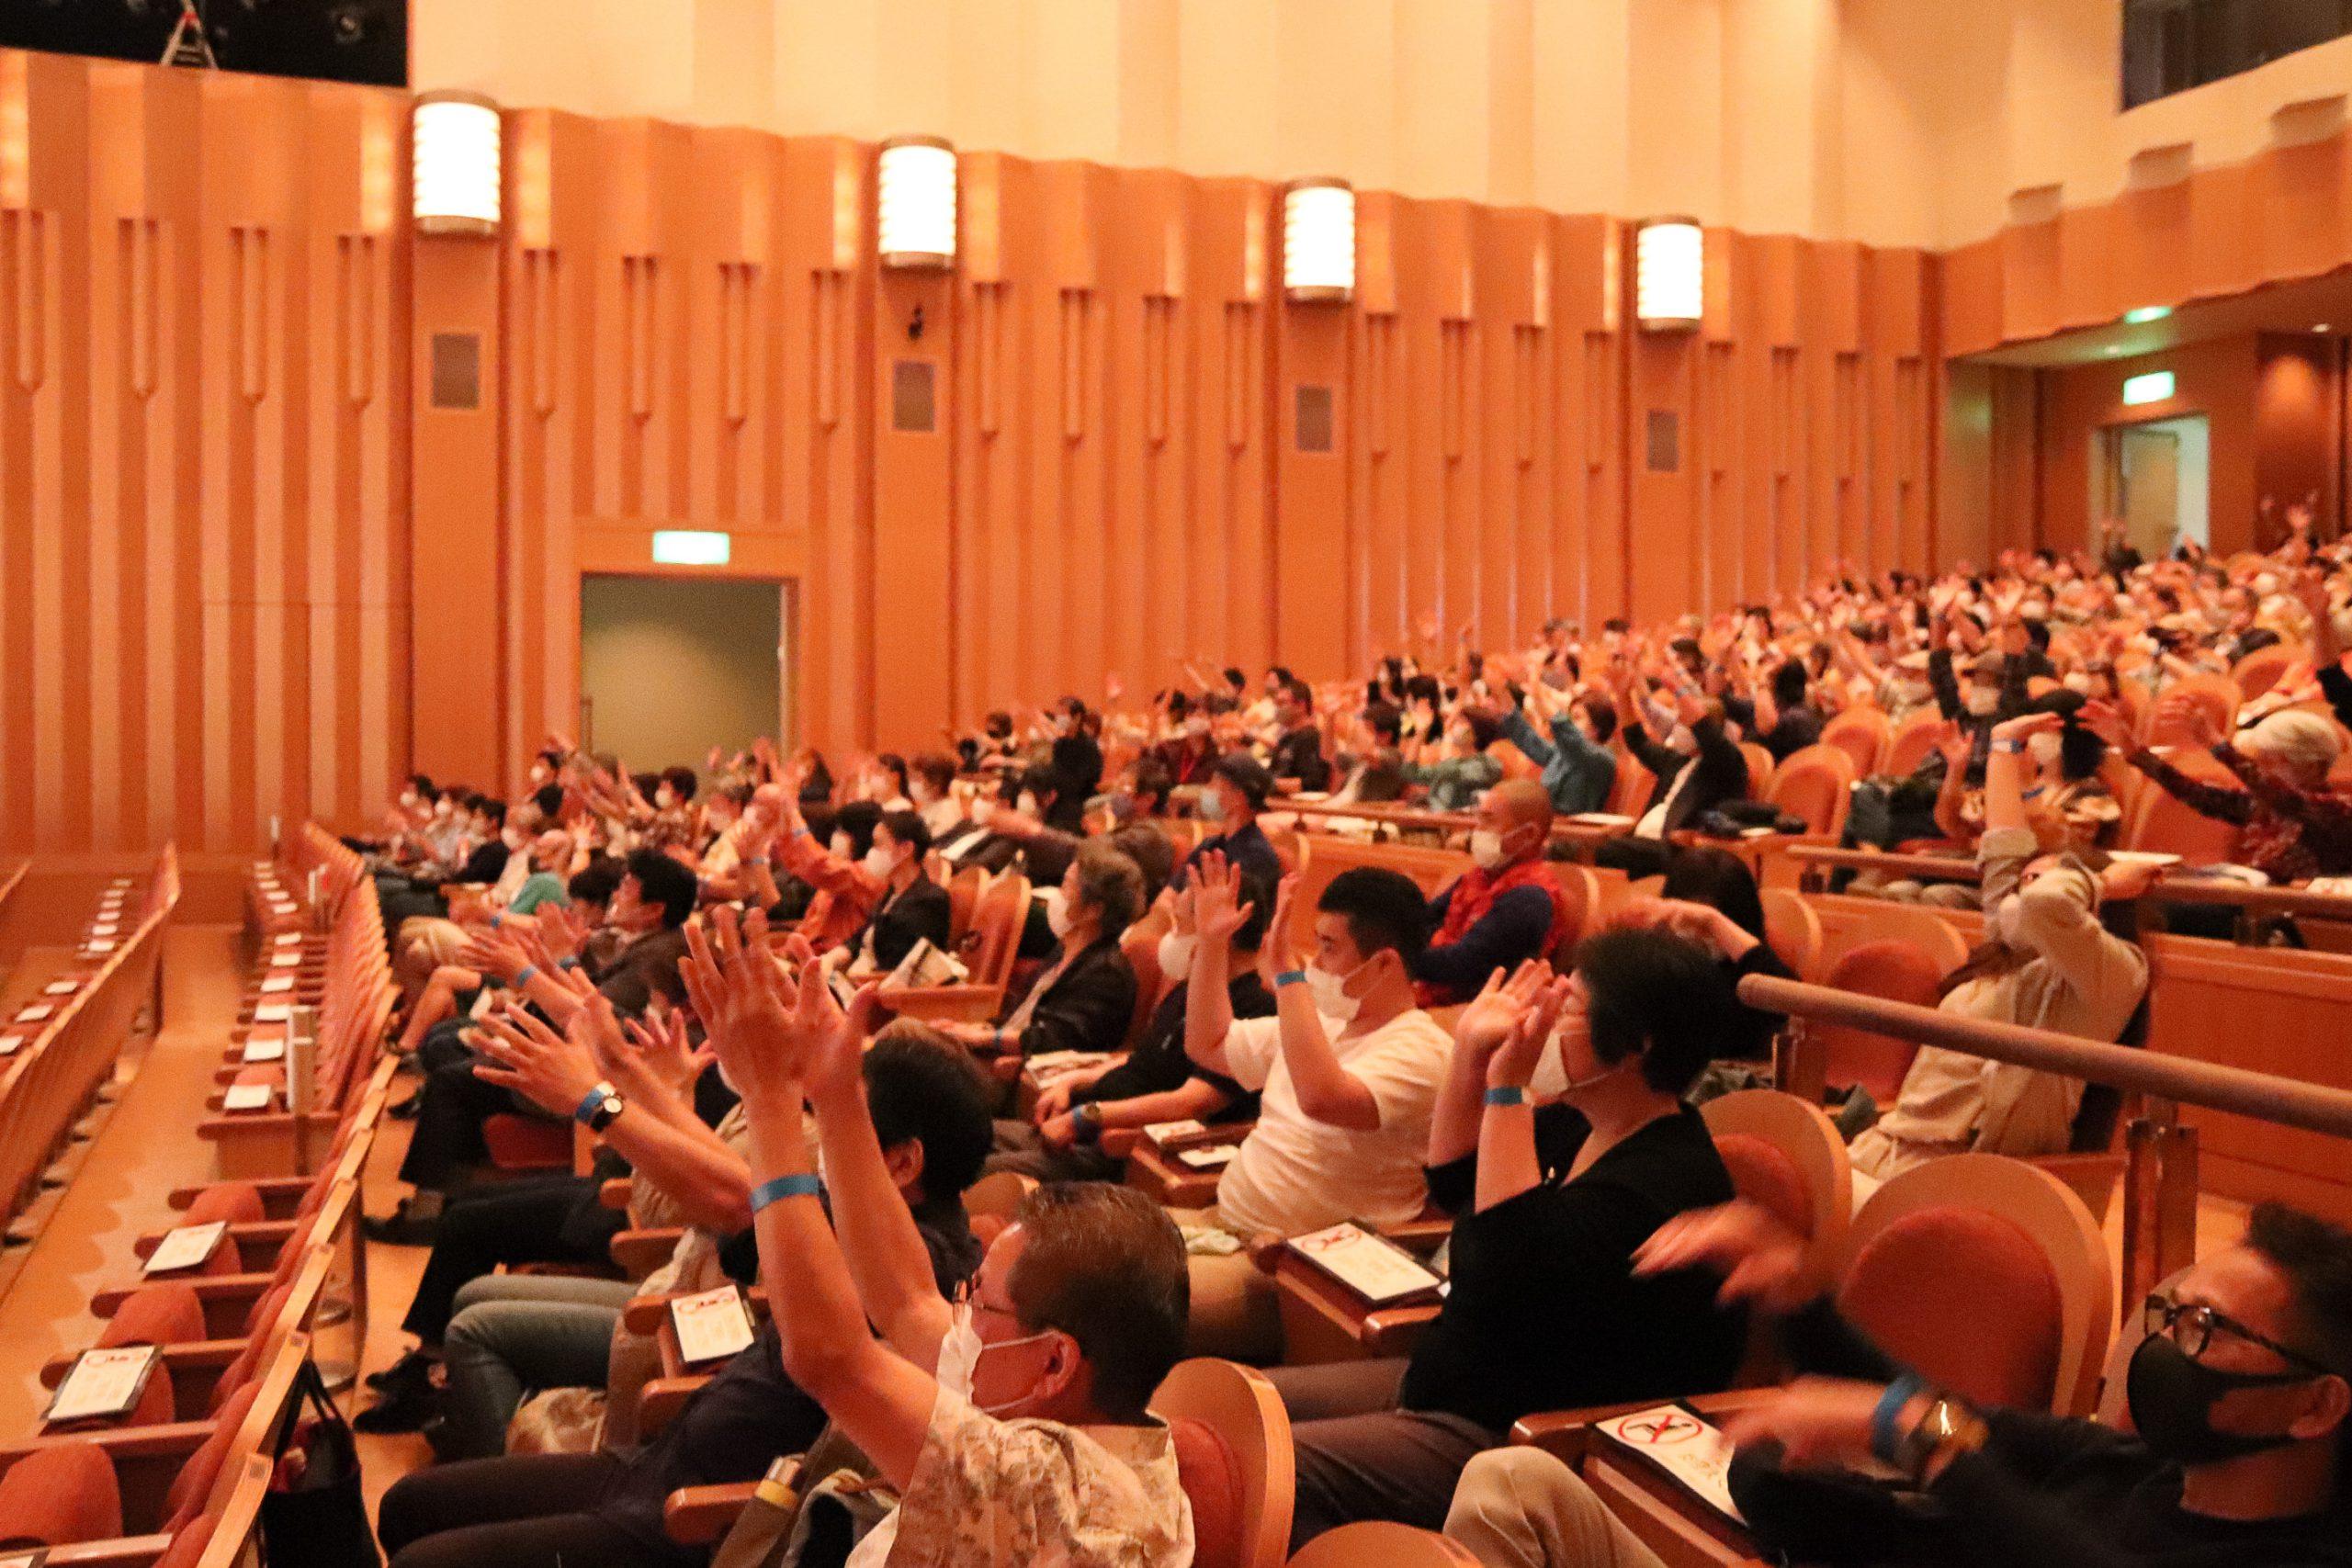 10月4日奈良県斑鳩町上映会